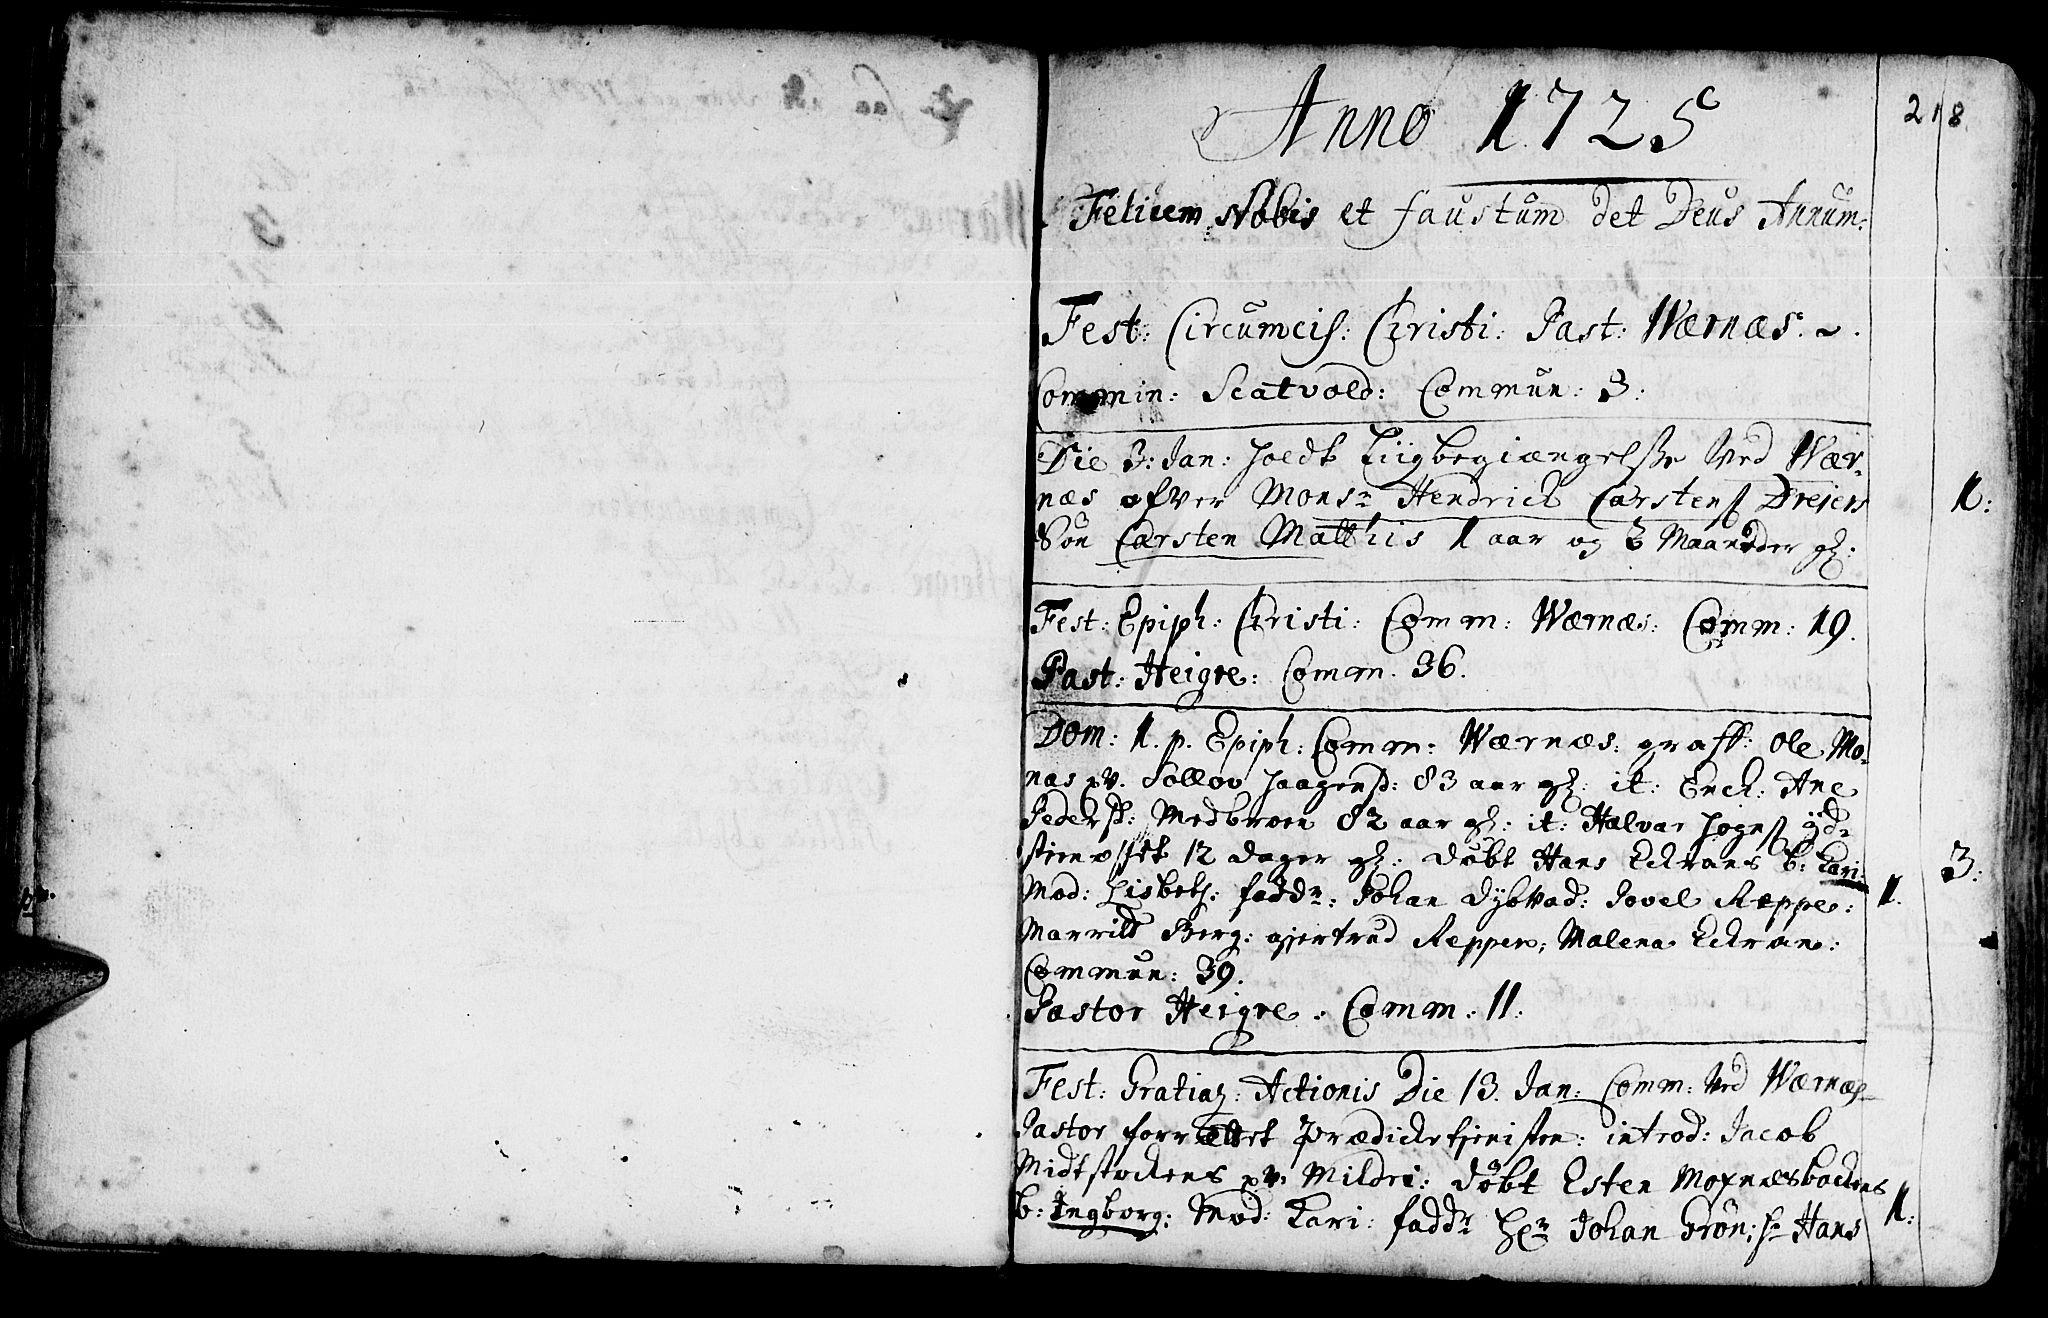 SAT, Ministerialprotokoller, klokkerbøker og fødselsregistre - Nord-Trøndelag, 709/L0054: Ministerialbok nr. 709A02, 1714-1738, s. 217-218